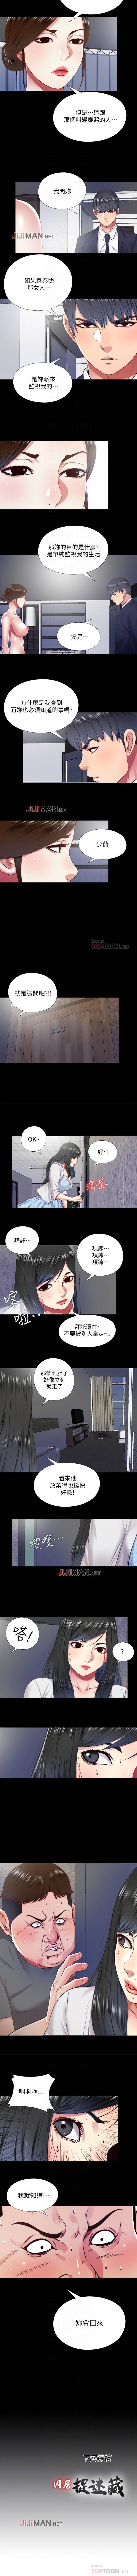 【已完结】同居捉迷藏(作者:林巨星) 第1~30话 54